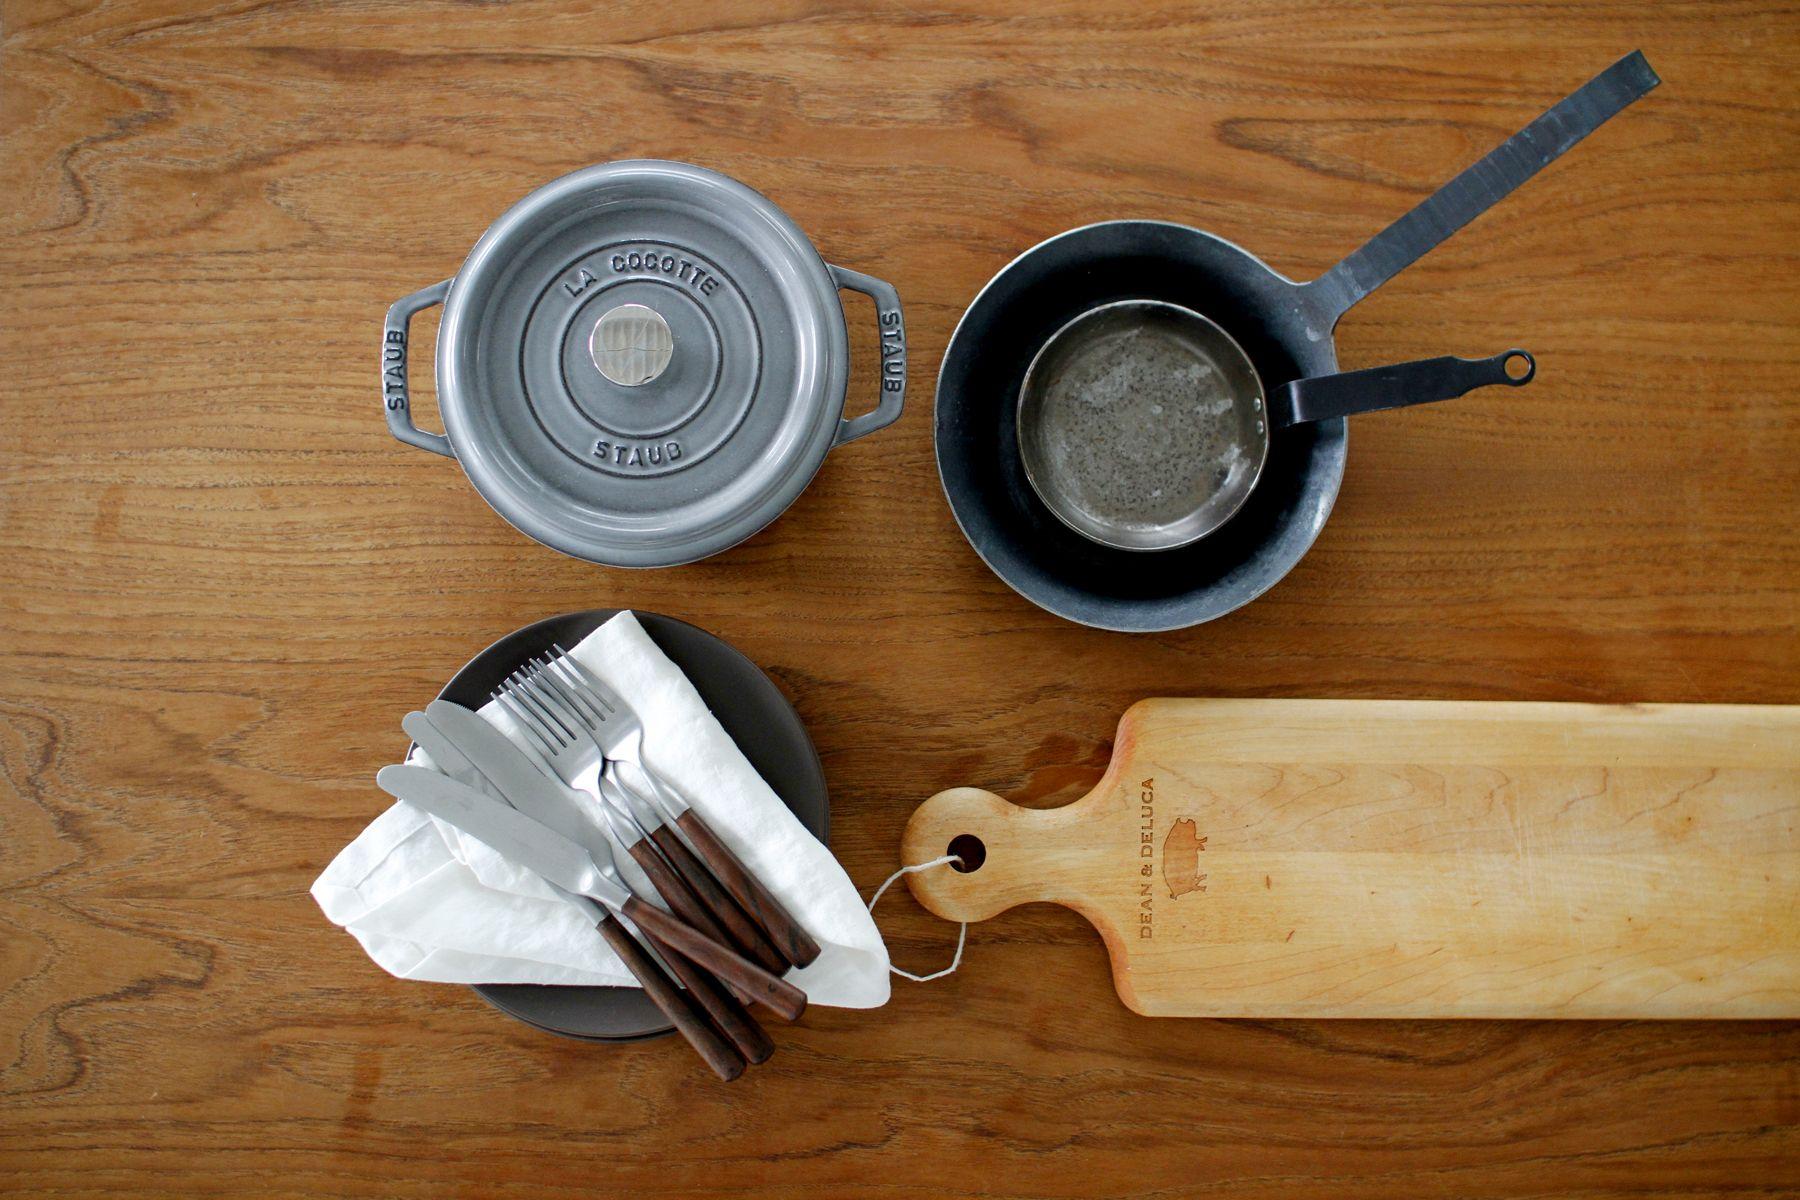 HEFT KITCHEN & DINING (ヘフト キッチン&ダイニング)キッチンツール カトラリー